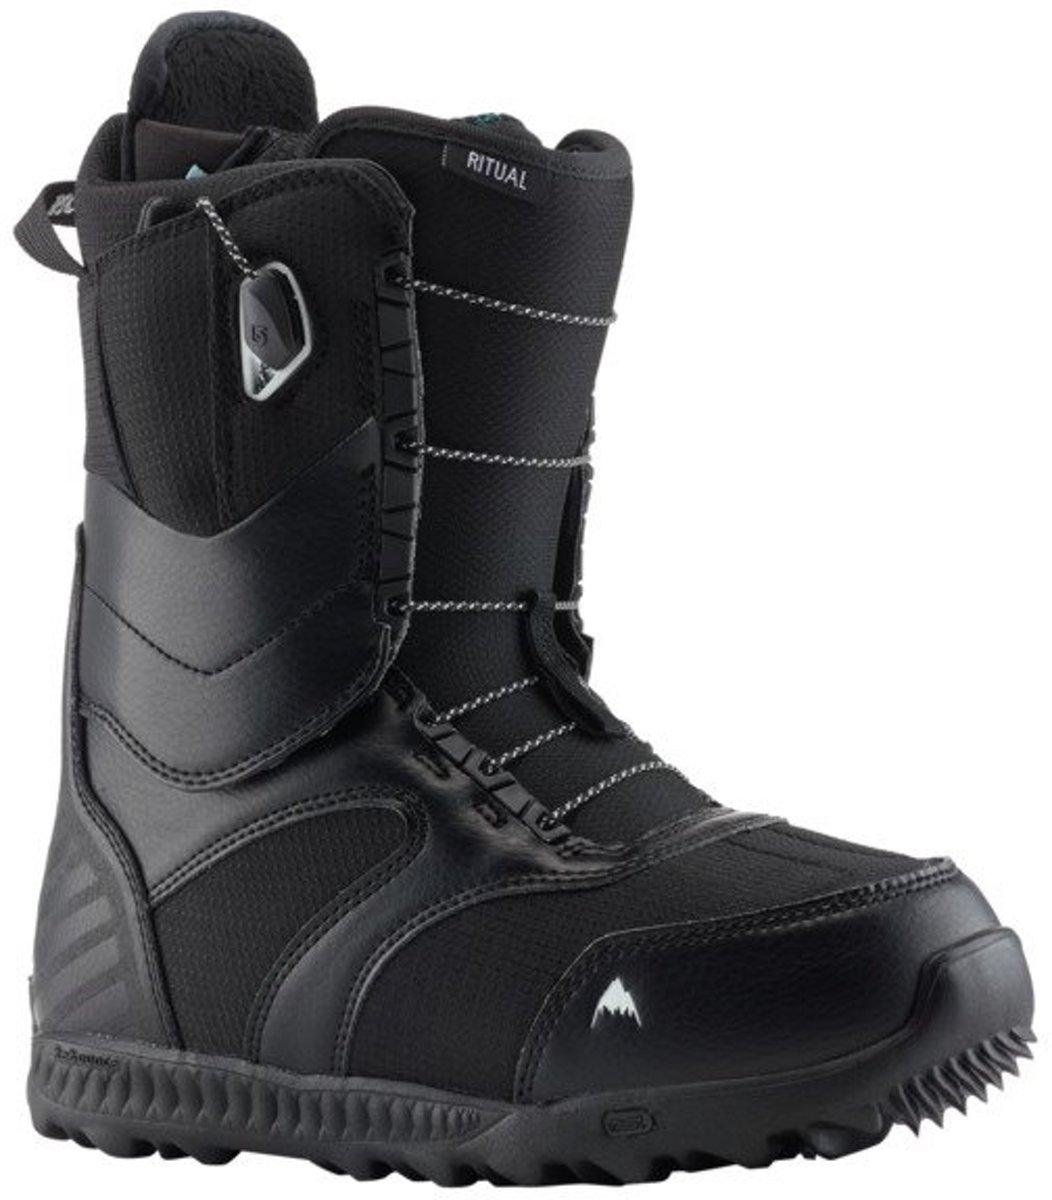 Burton Ritual snowboardschoenen zwart kopen